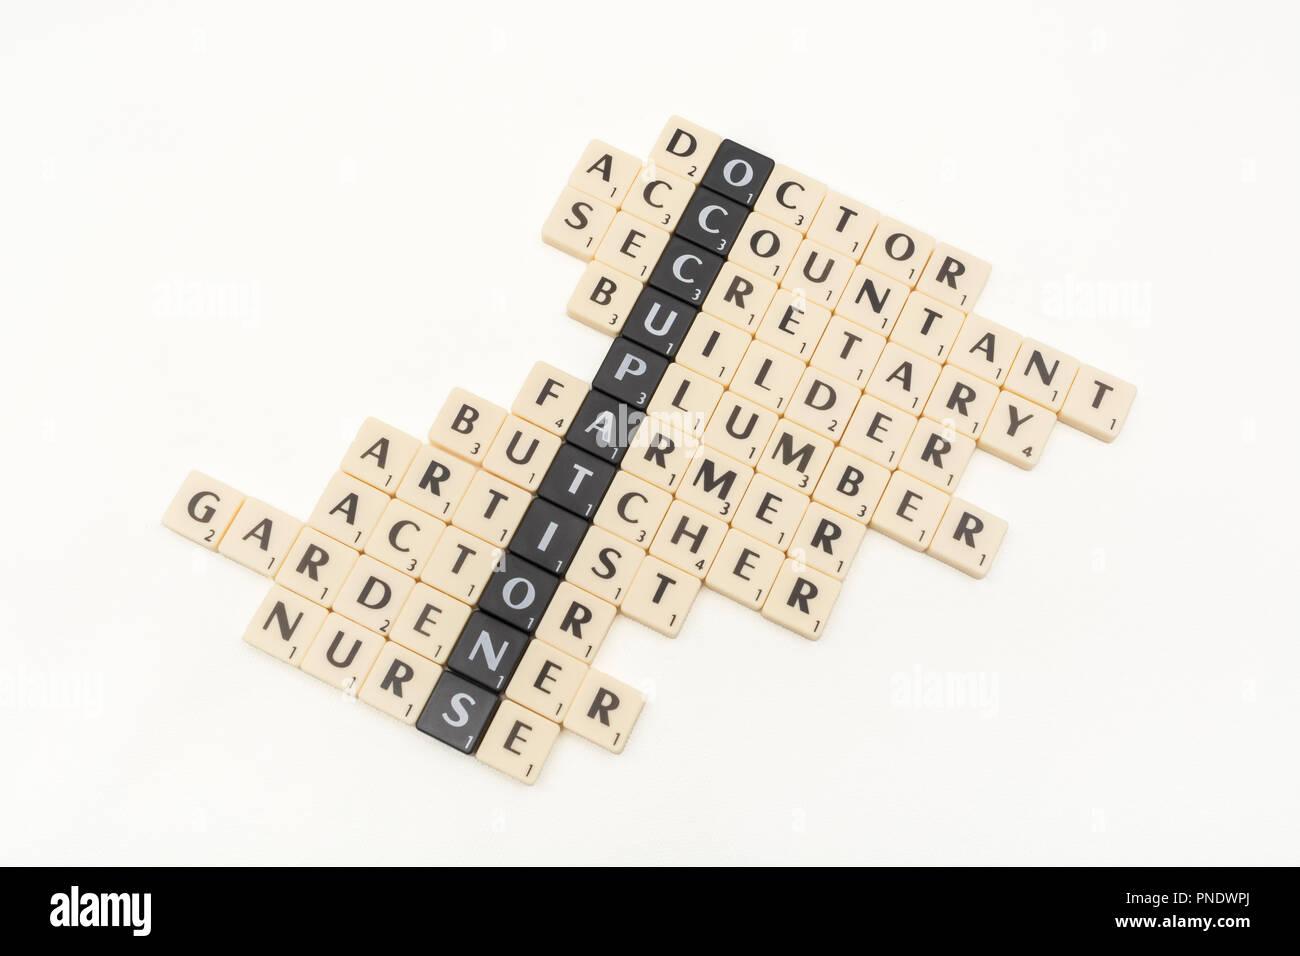 Carta de azulejos que muestra la palabra clave ocupaciones y diversos tipos de elección de una carrera / tipos de trabajos disponibles. Imagen De Stock